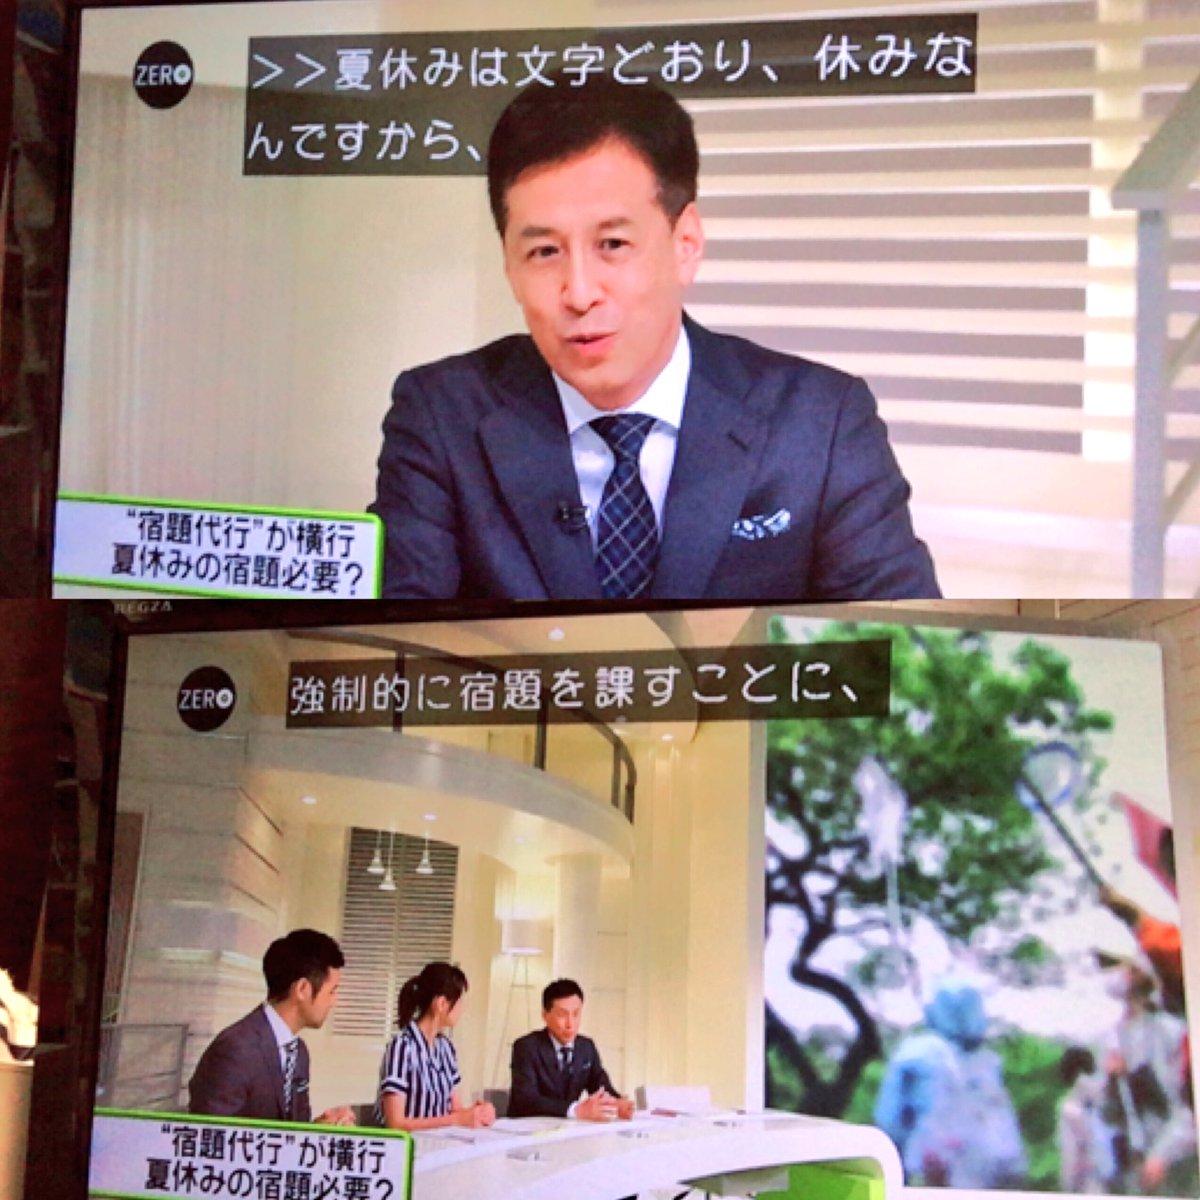 いや私もそう思うよ村尾さん。  #NewsZERO